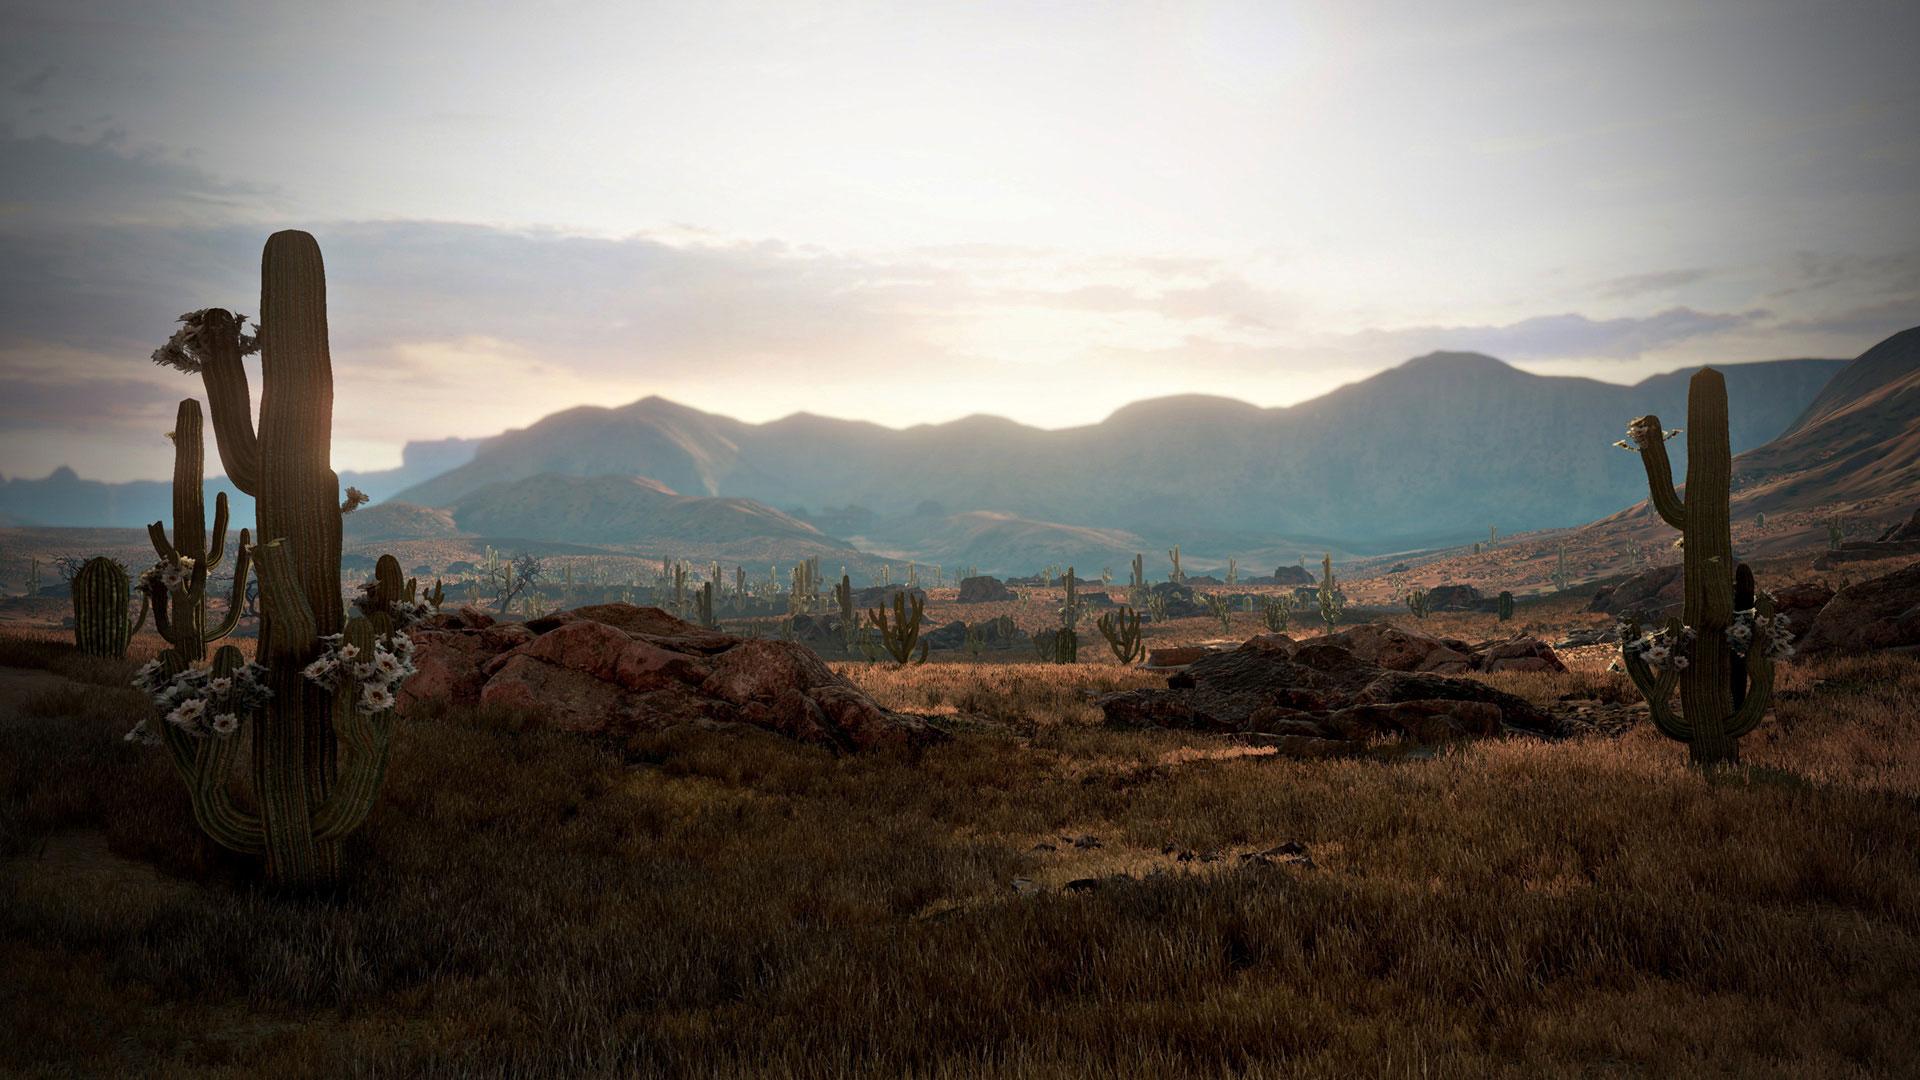 Imagem vazada não era de Red Dead Redemption 2, mas sim de um MMO